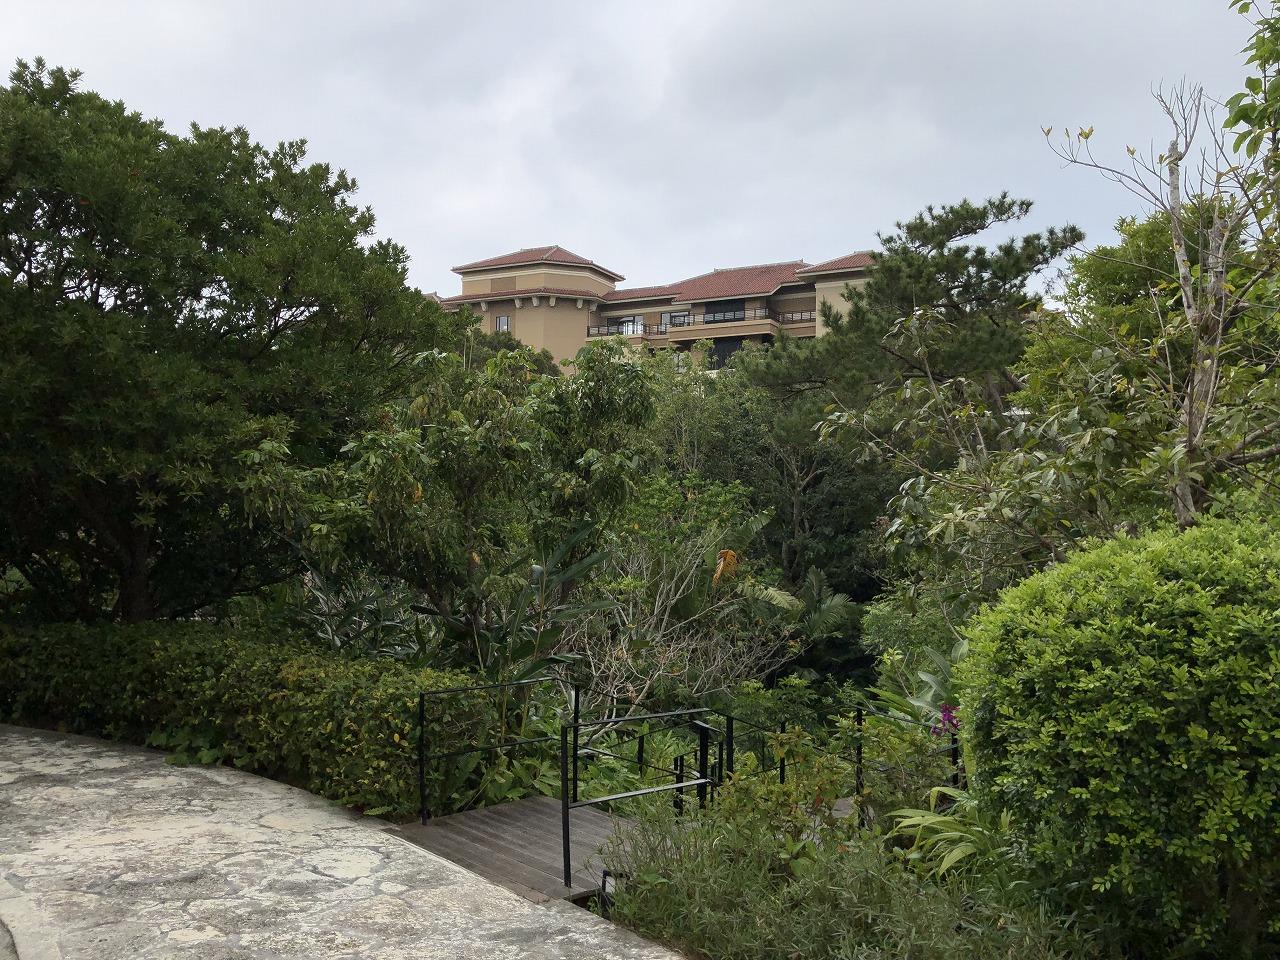 リッツカールトン沖縄の本館と別館を繋ぐ通路1